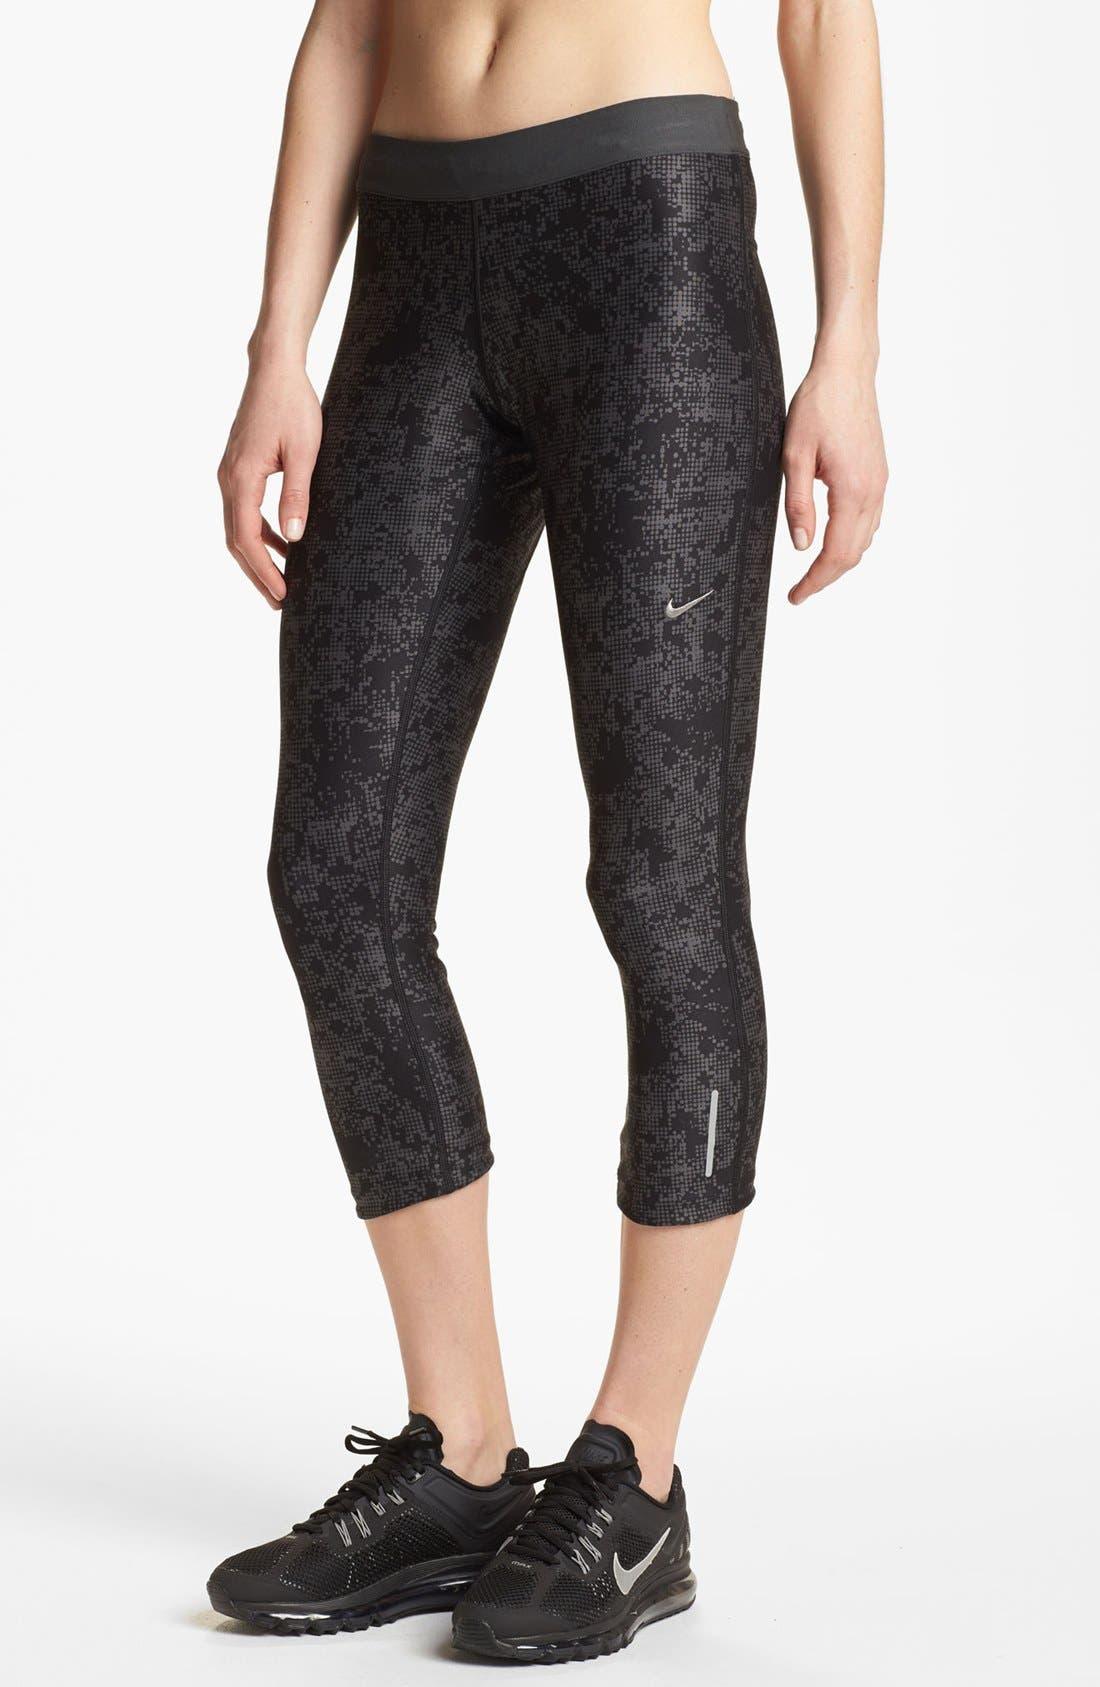 Alternate Image 1 Selected - Nike 'Relay' Print Capri Pants